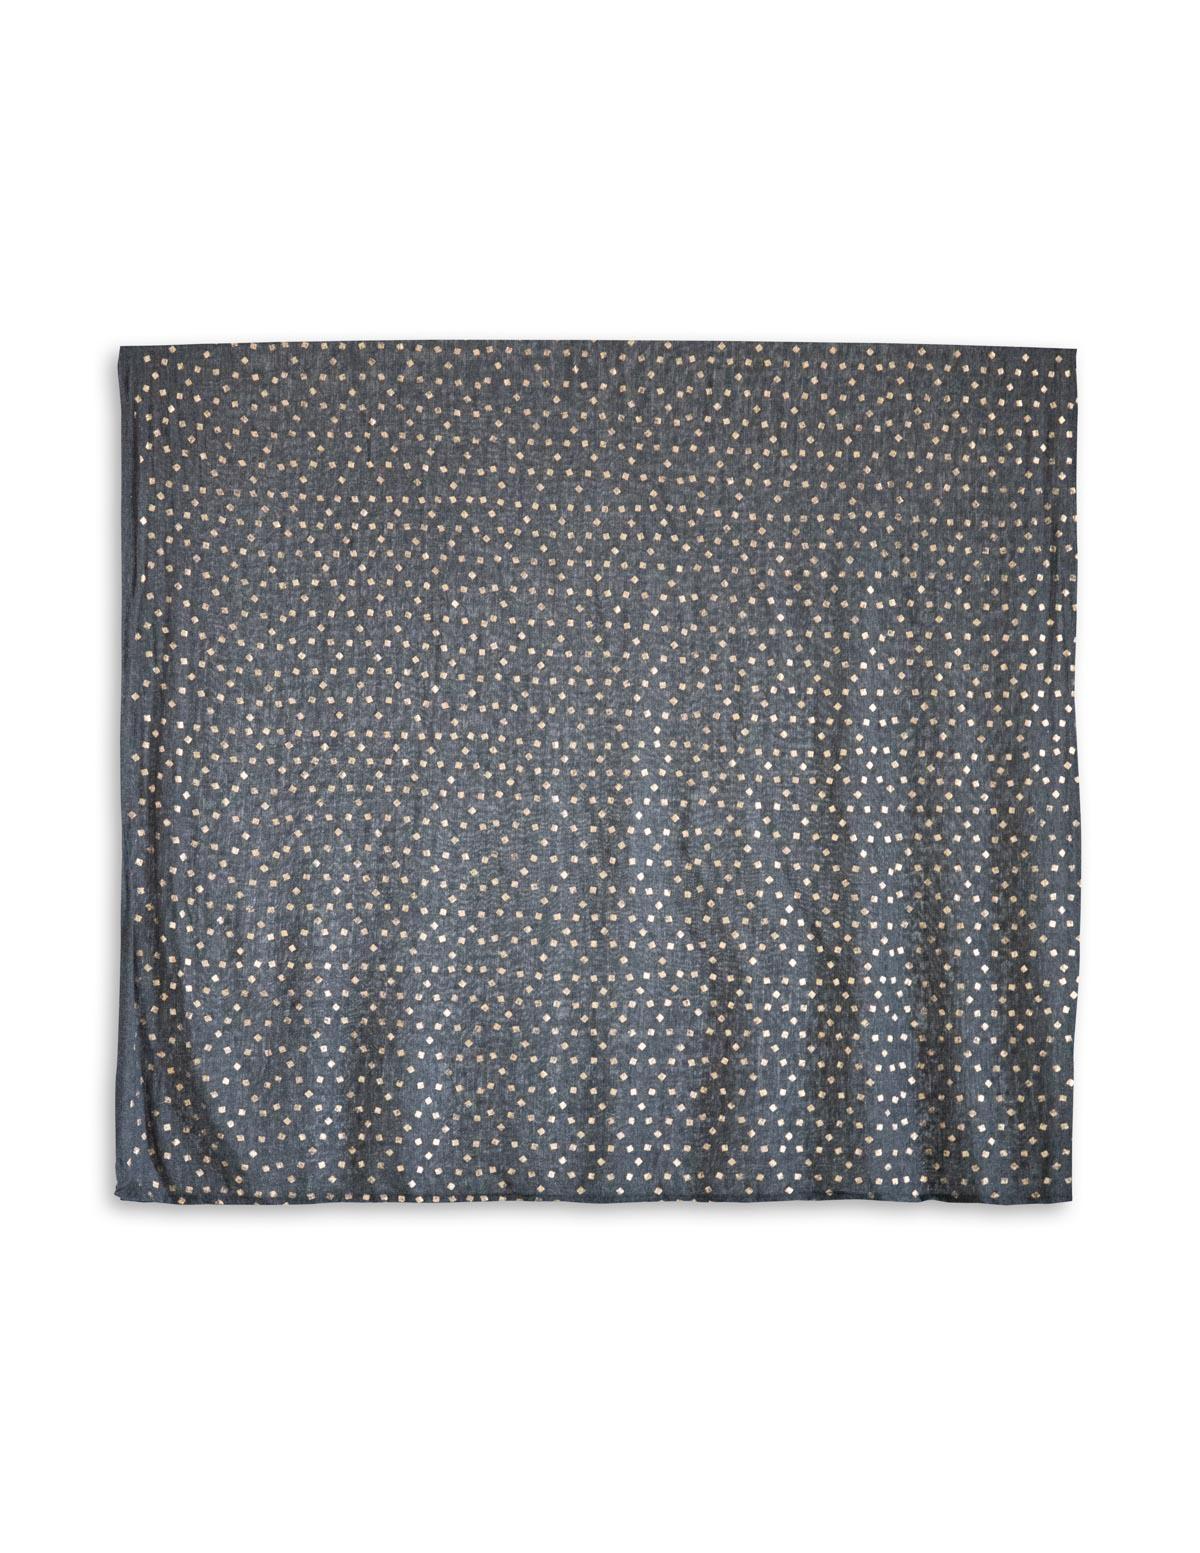 Pañuelo estampado foil - Ítem2